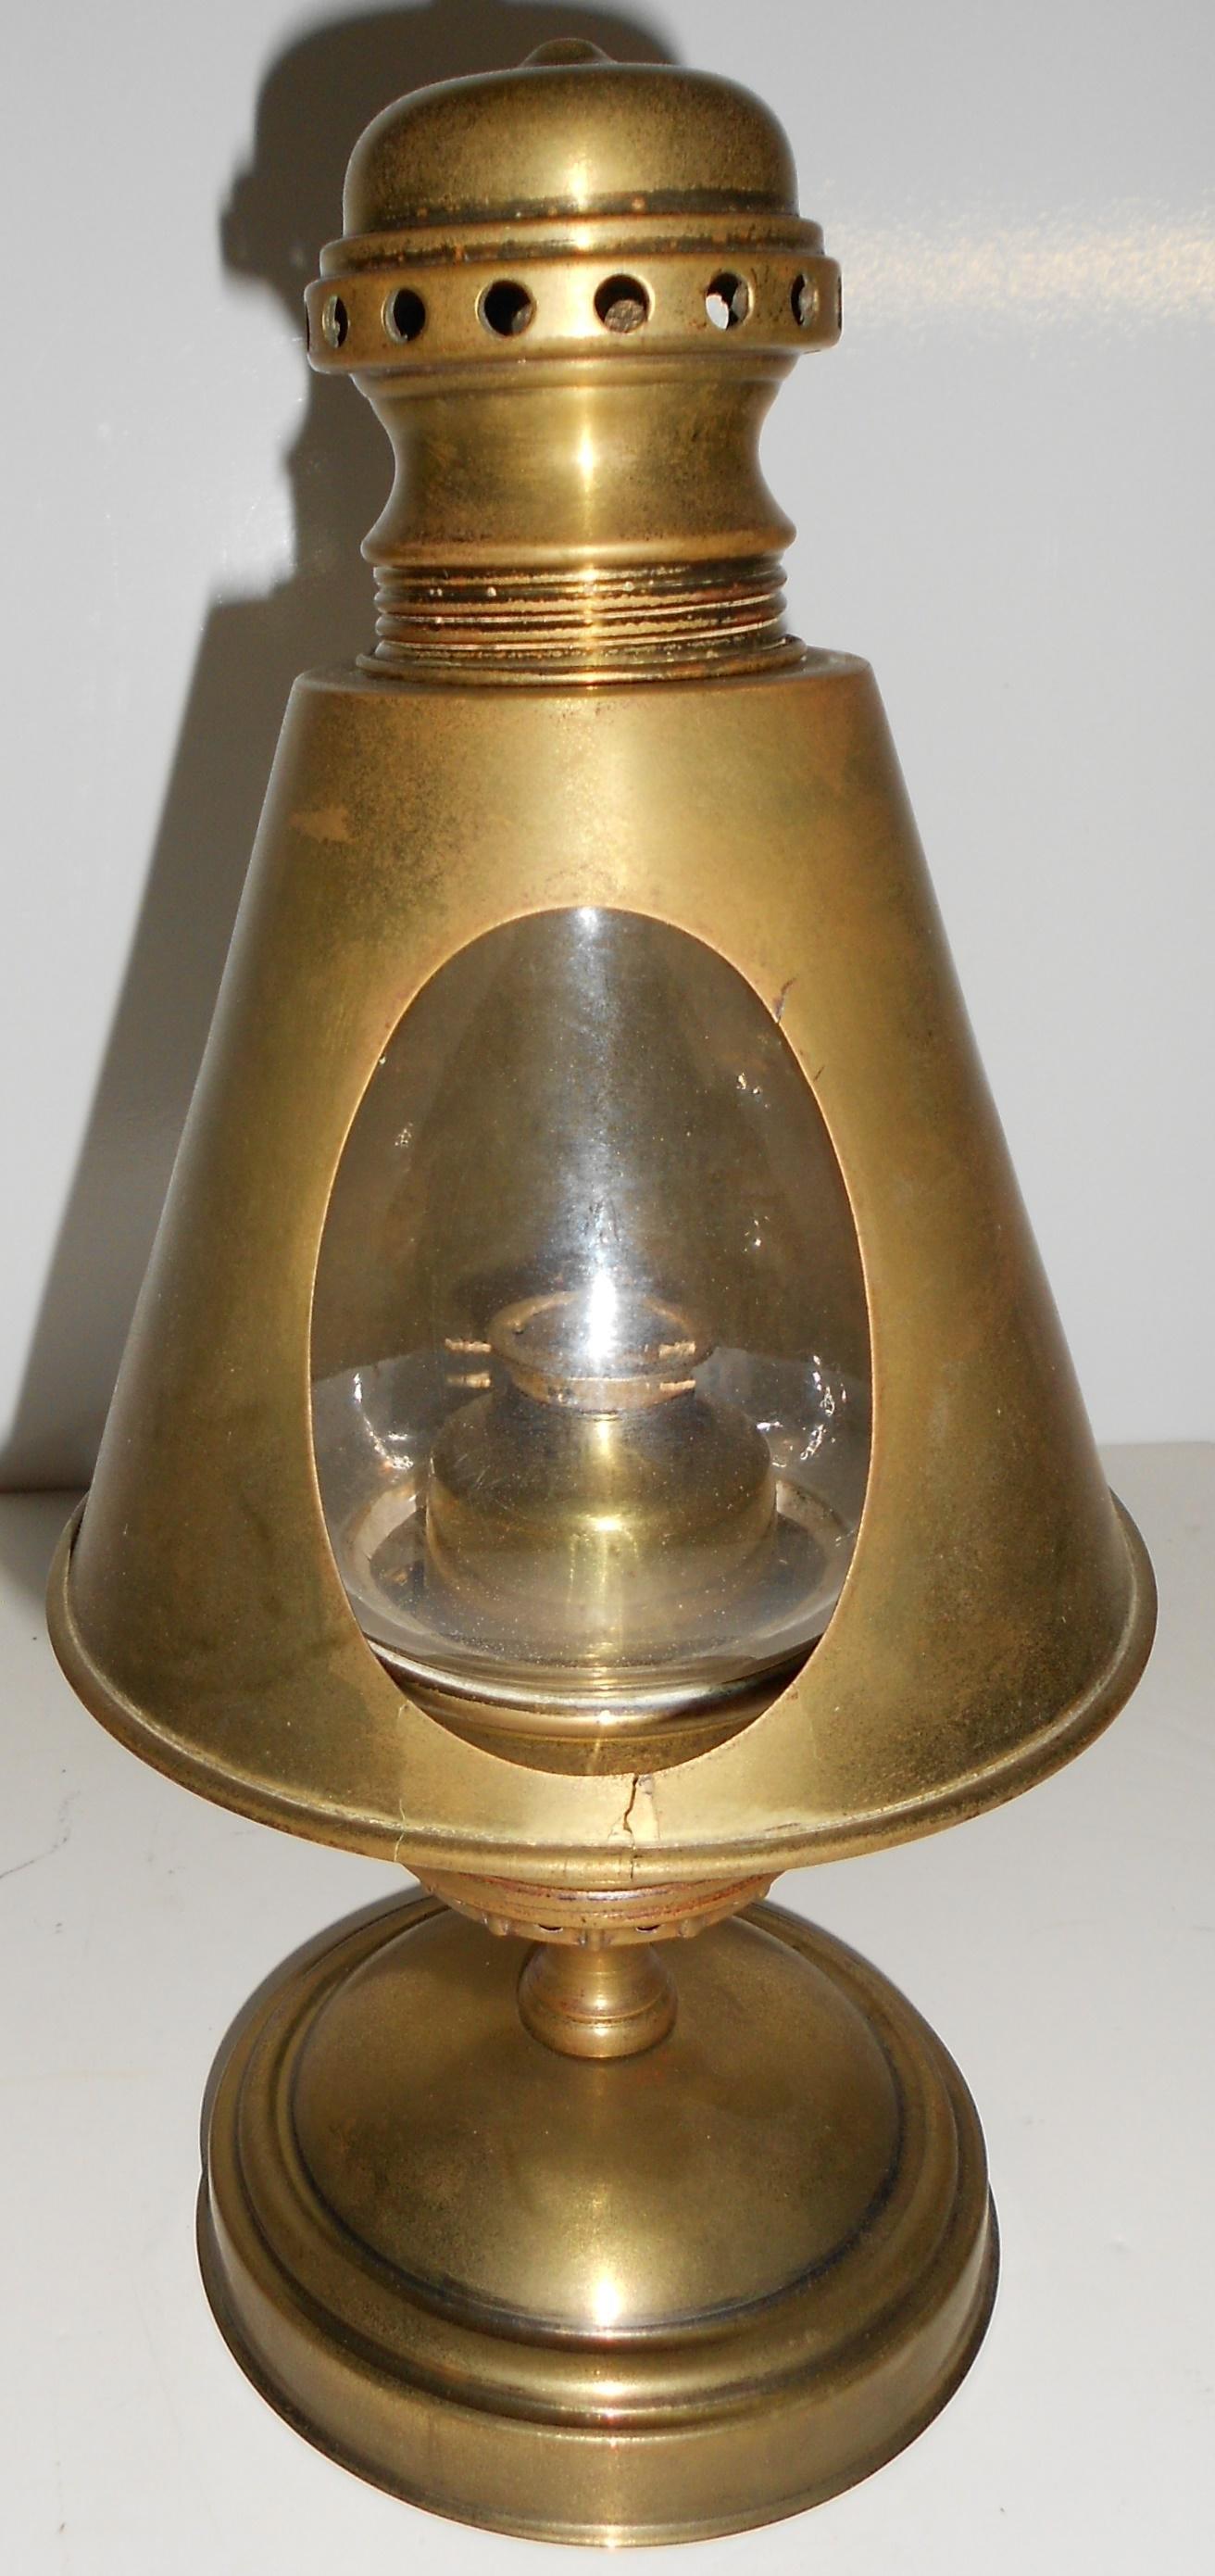 Baldwin Locomotive Works Brass Gauge Lamp